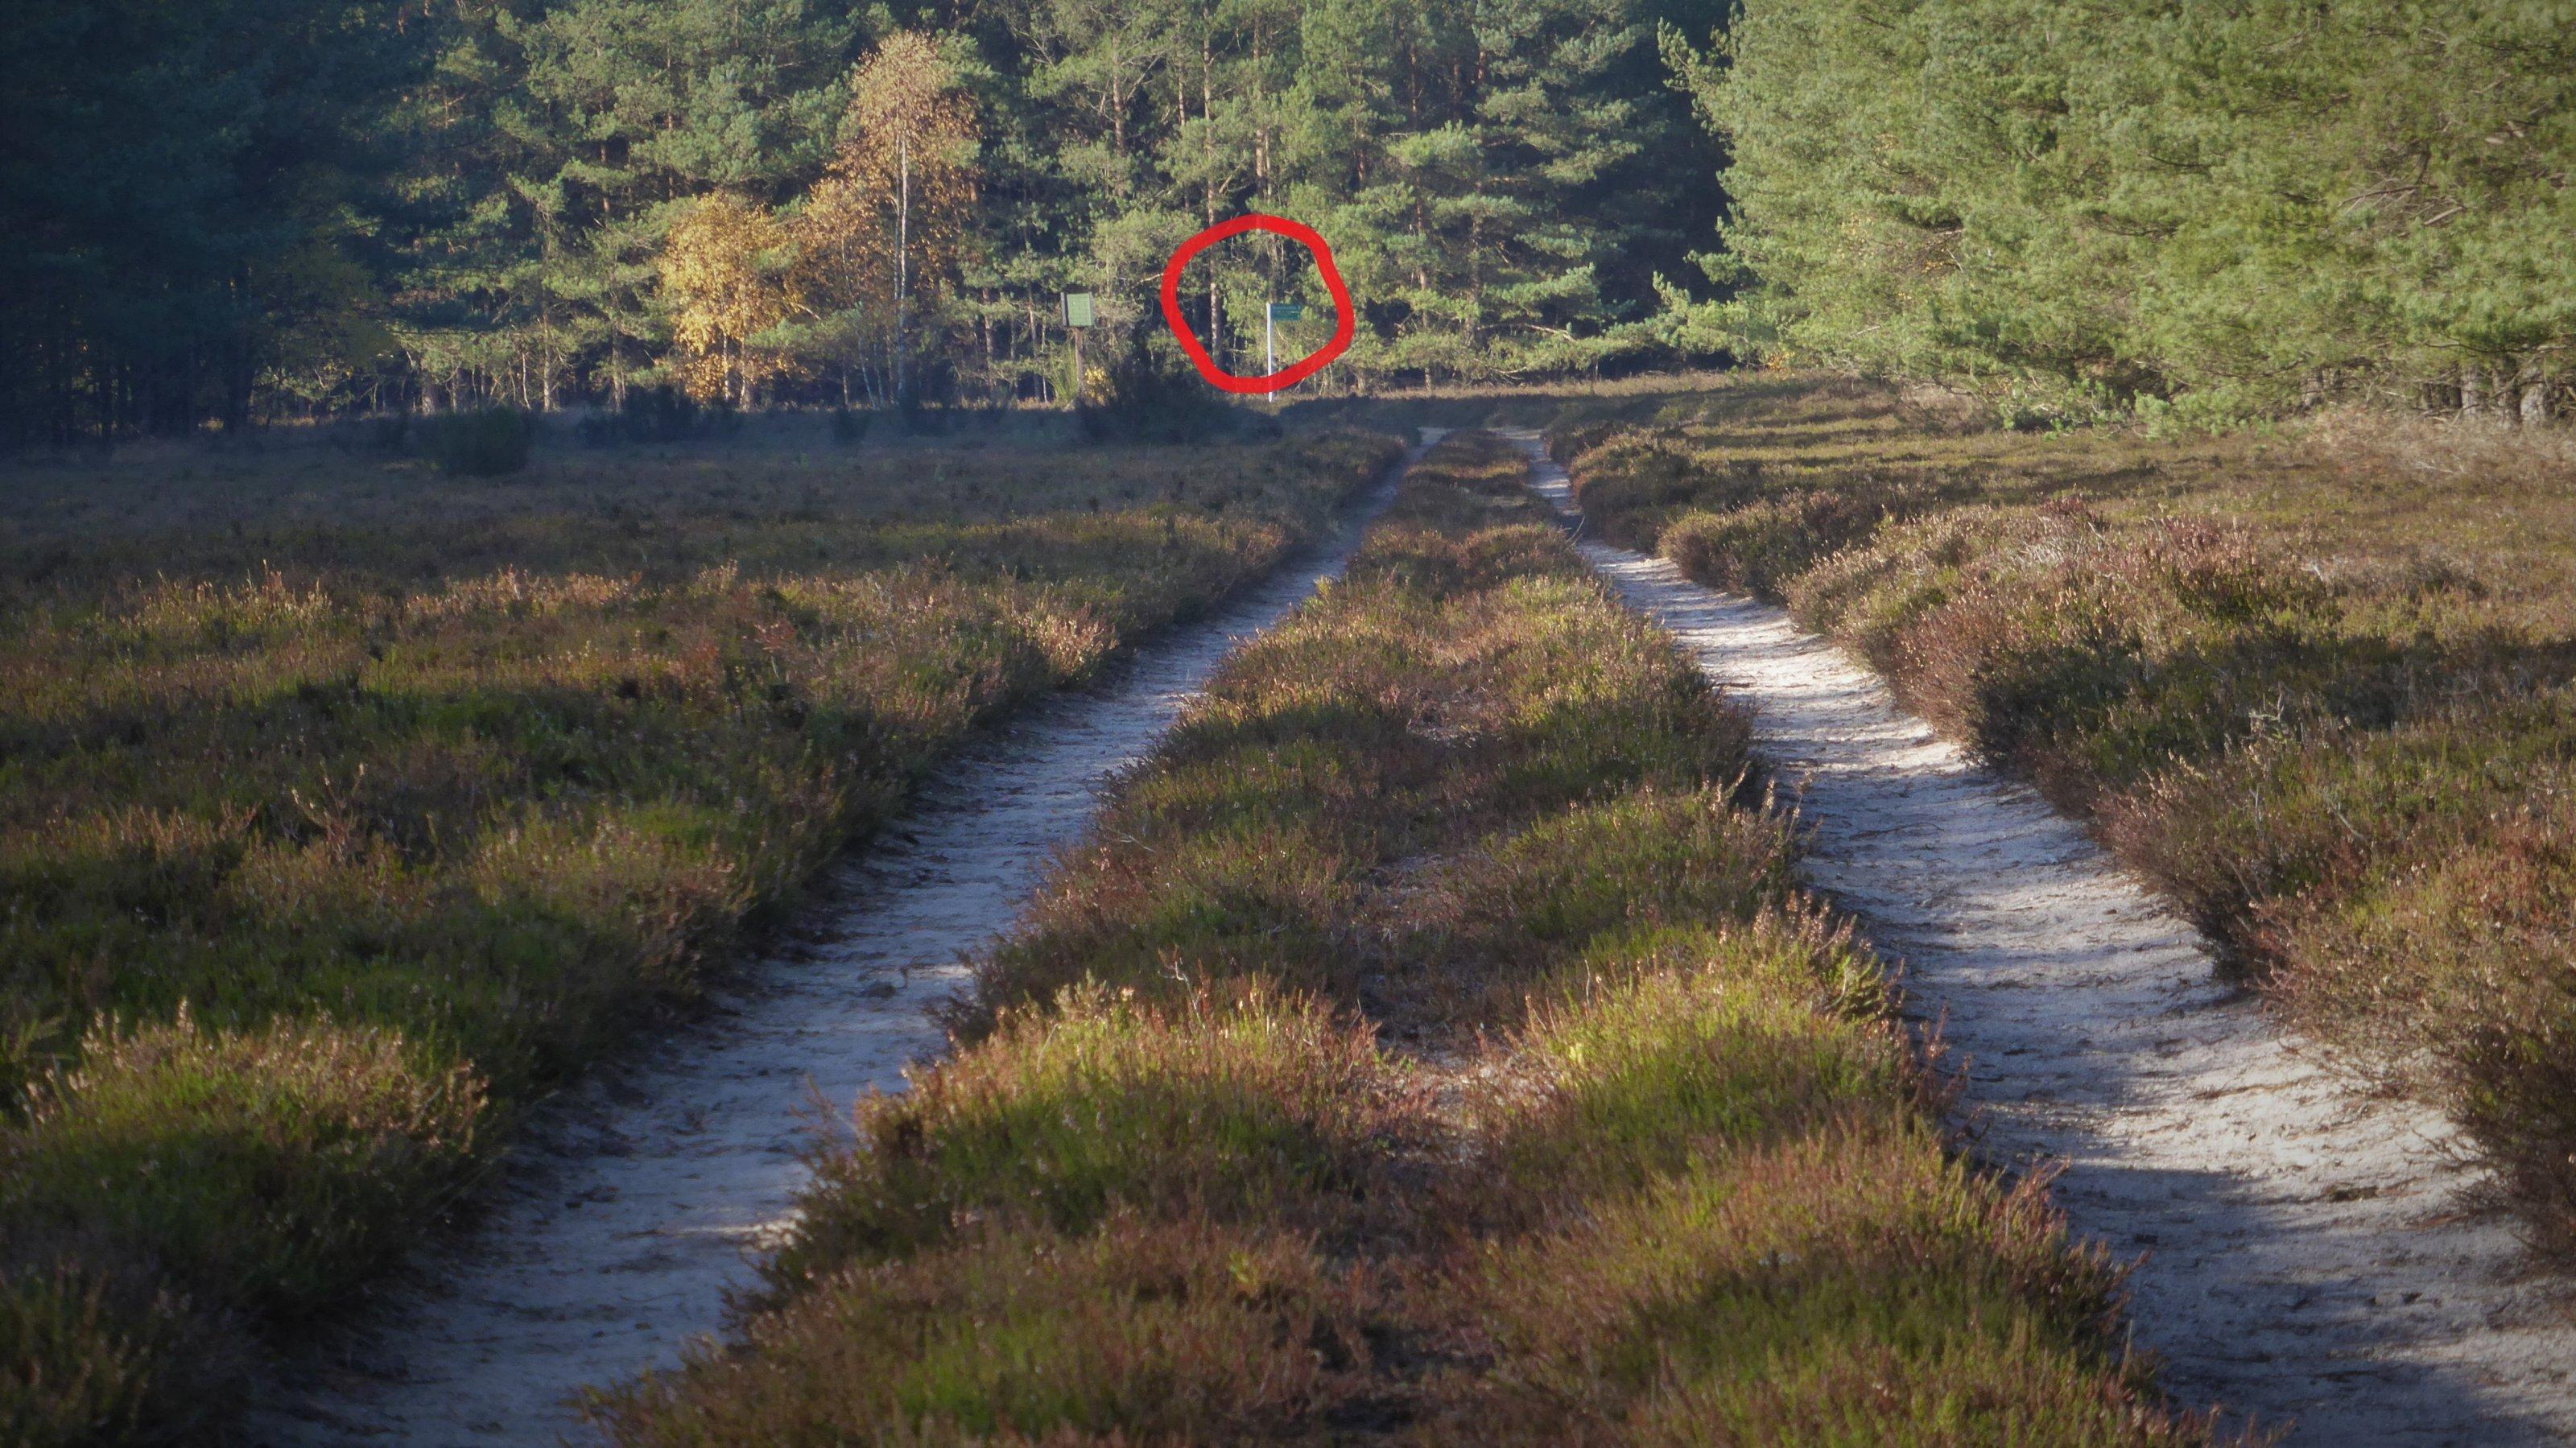 Ein von Heide gesäumter Kolonnenweg führt auf einer länglichen Lichtung auf ein grünes Schild zu, das an einem hellen Stab angebracht ist.